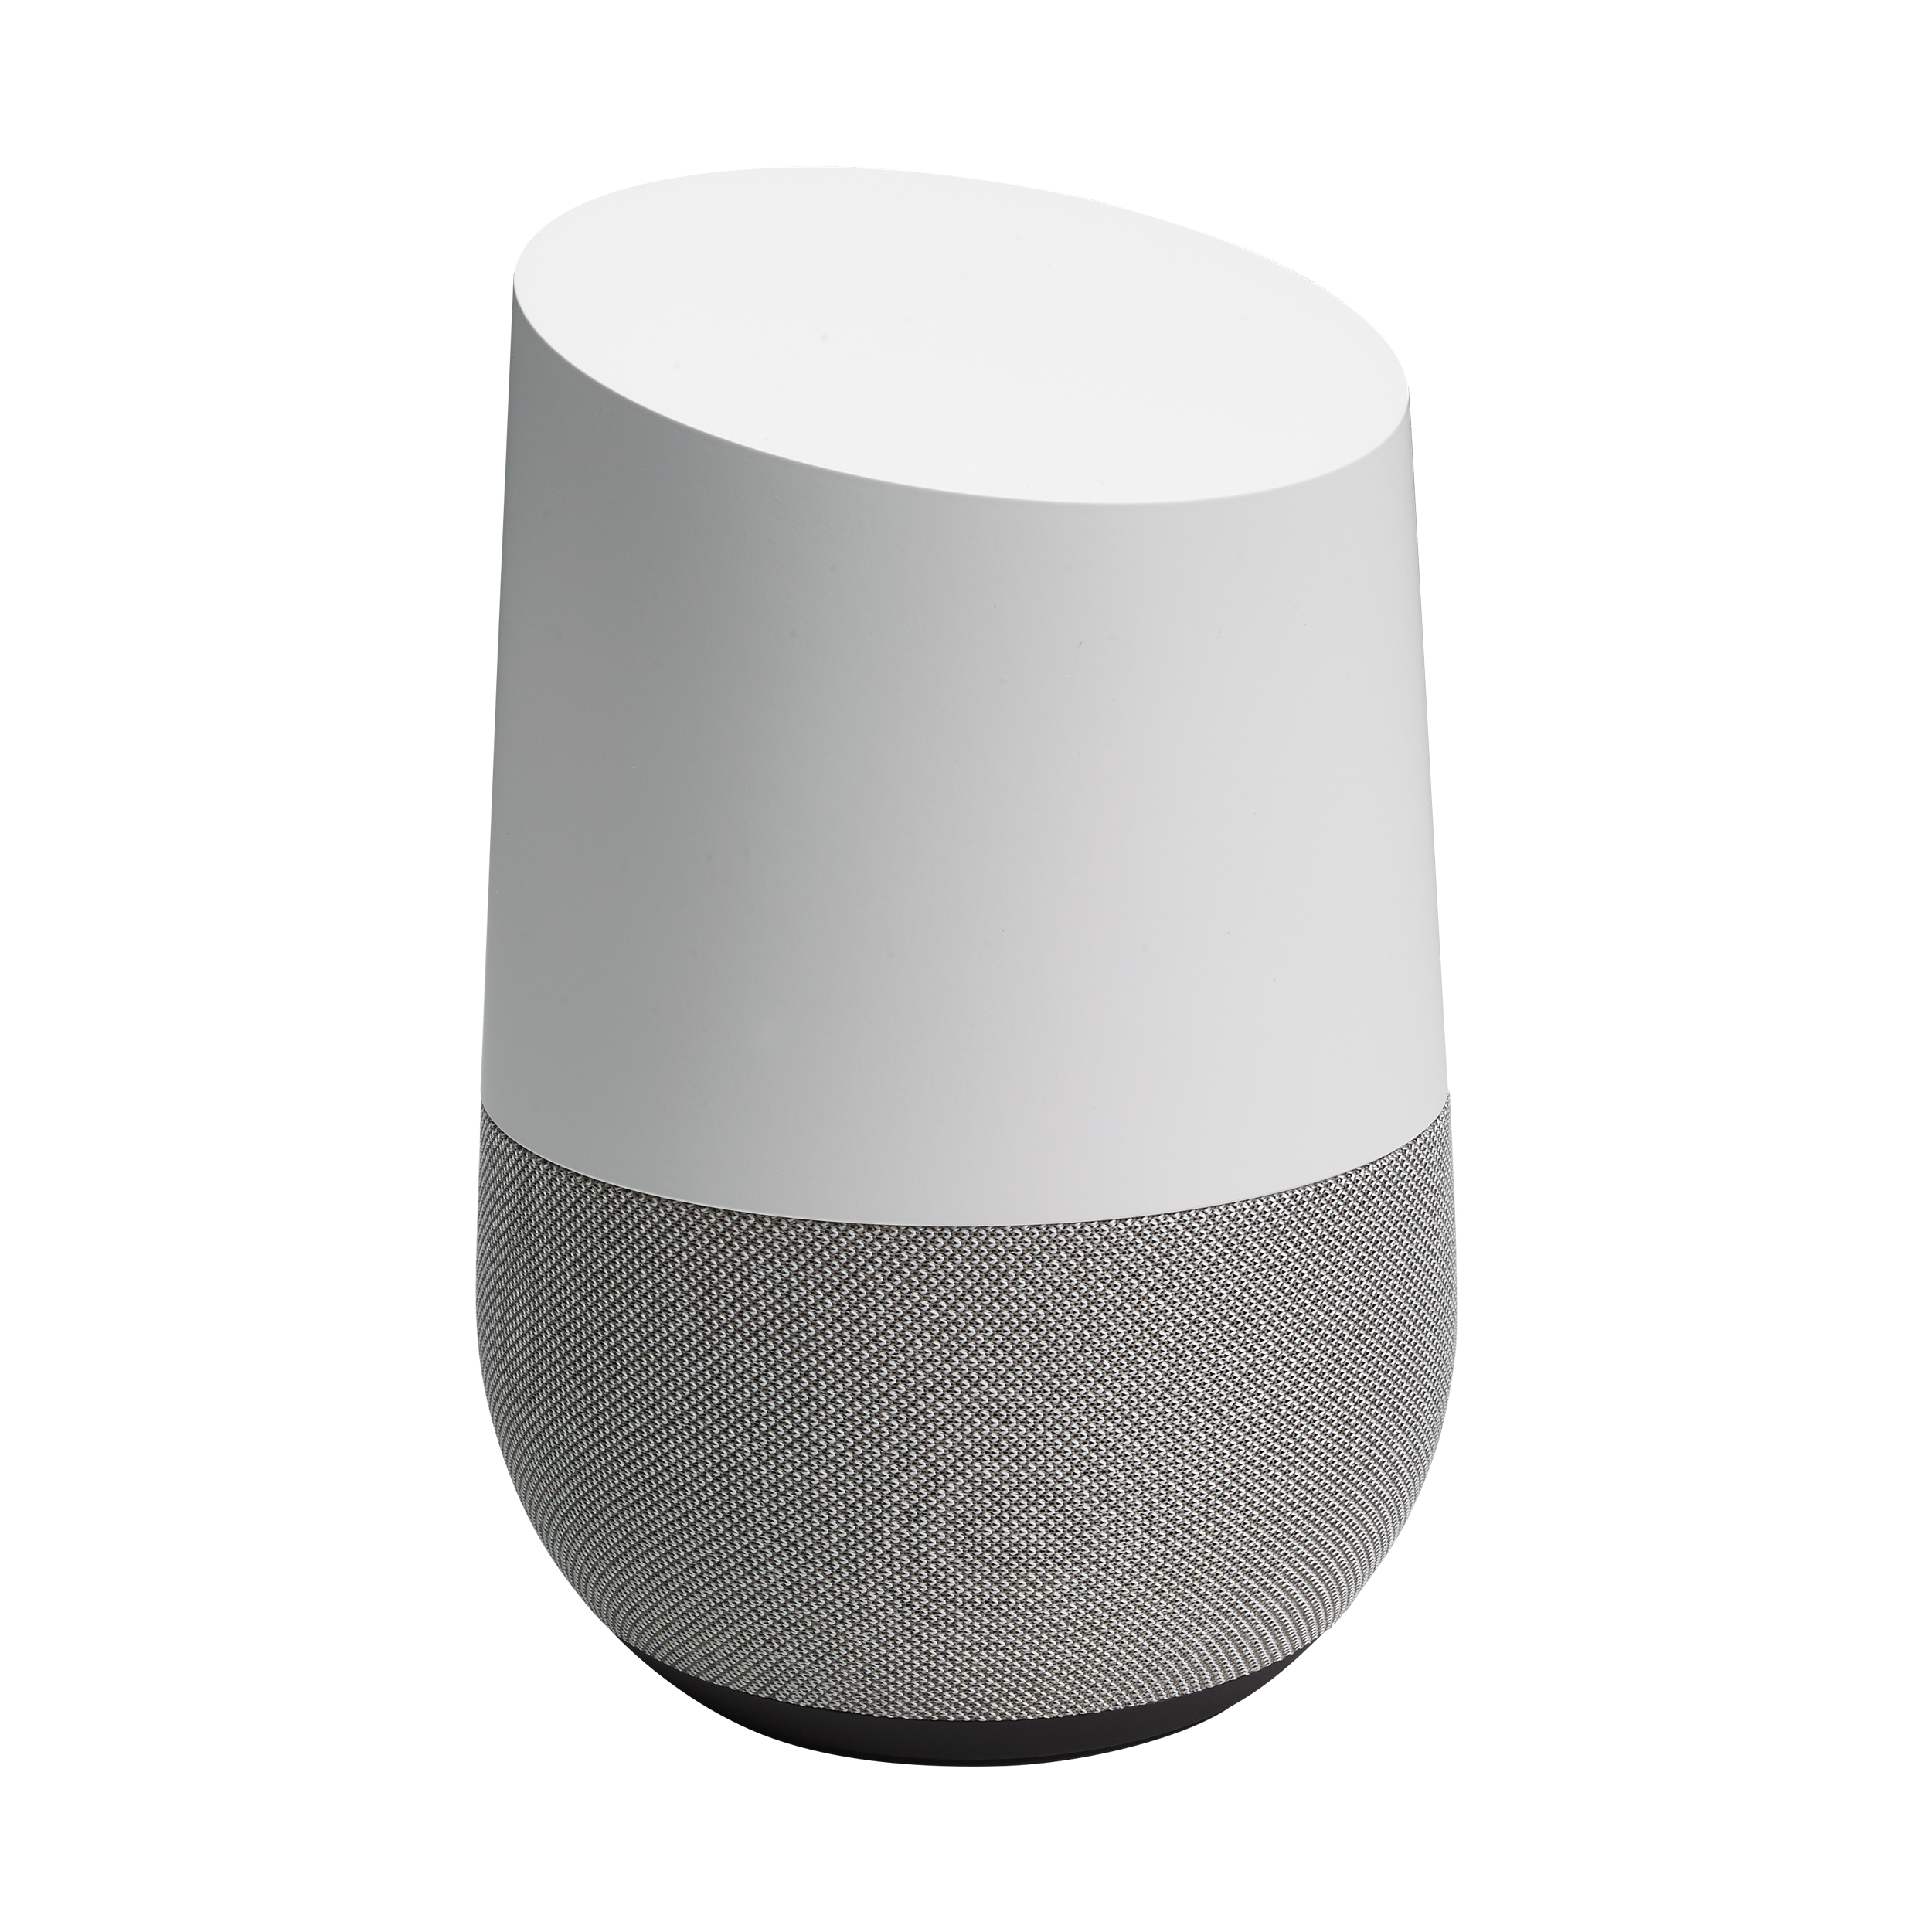 Google Home  - Haut-parleur activé par la voix et alimenté par Google Assistant - Se synchronise avec Chromecast et autres unités Google Home - Offre des réponses en temps réel